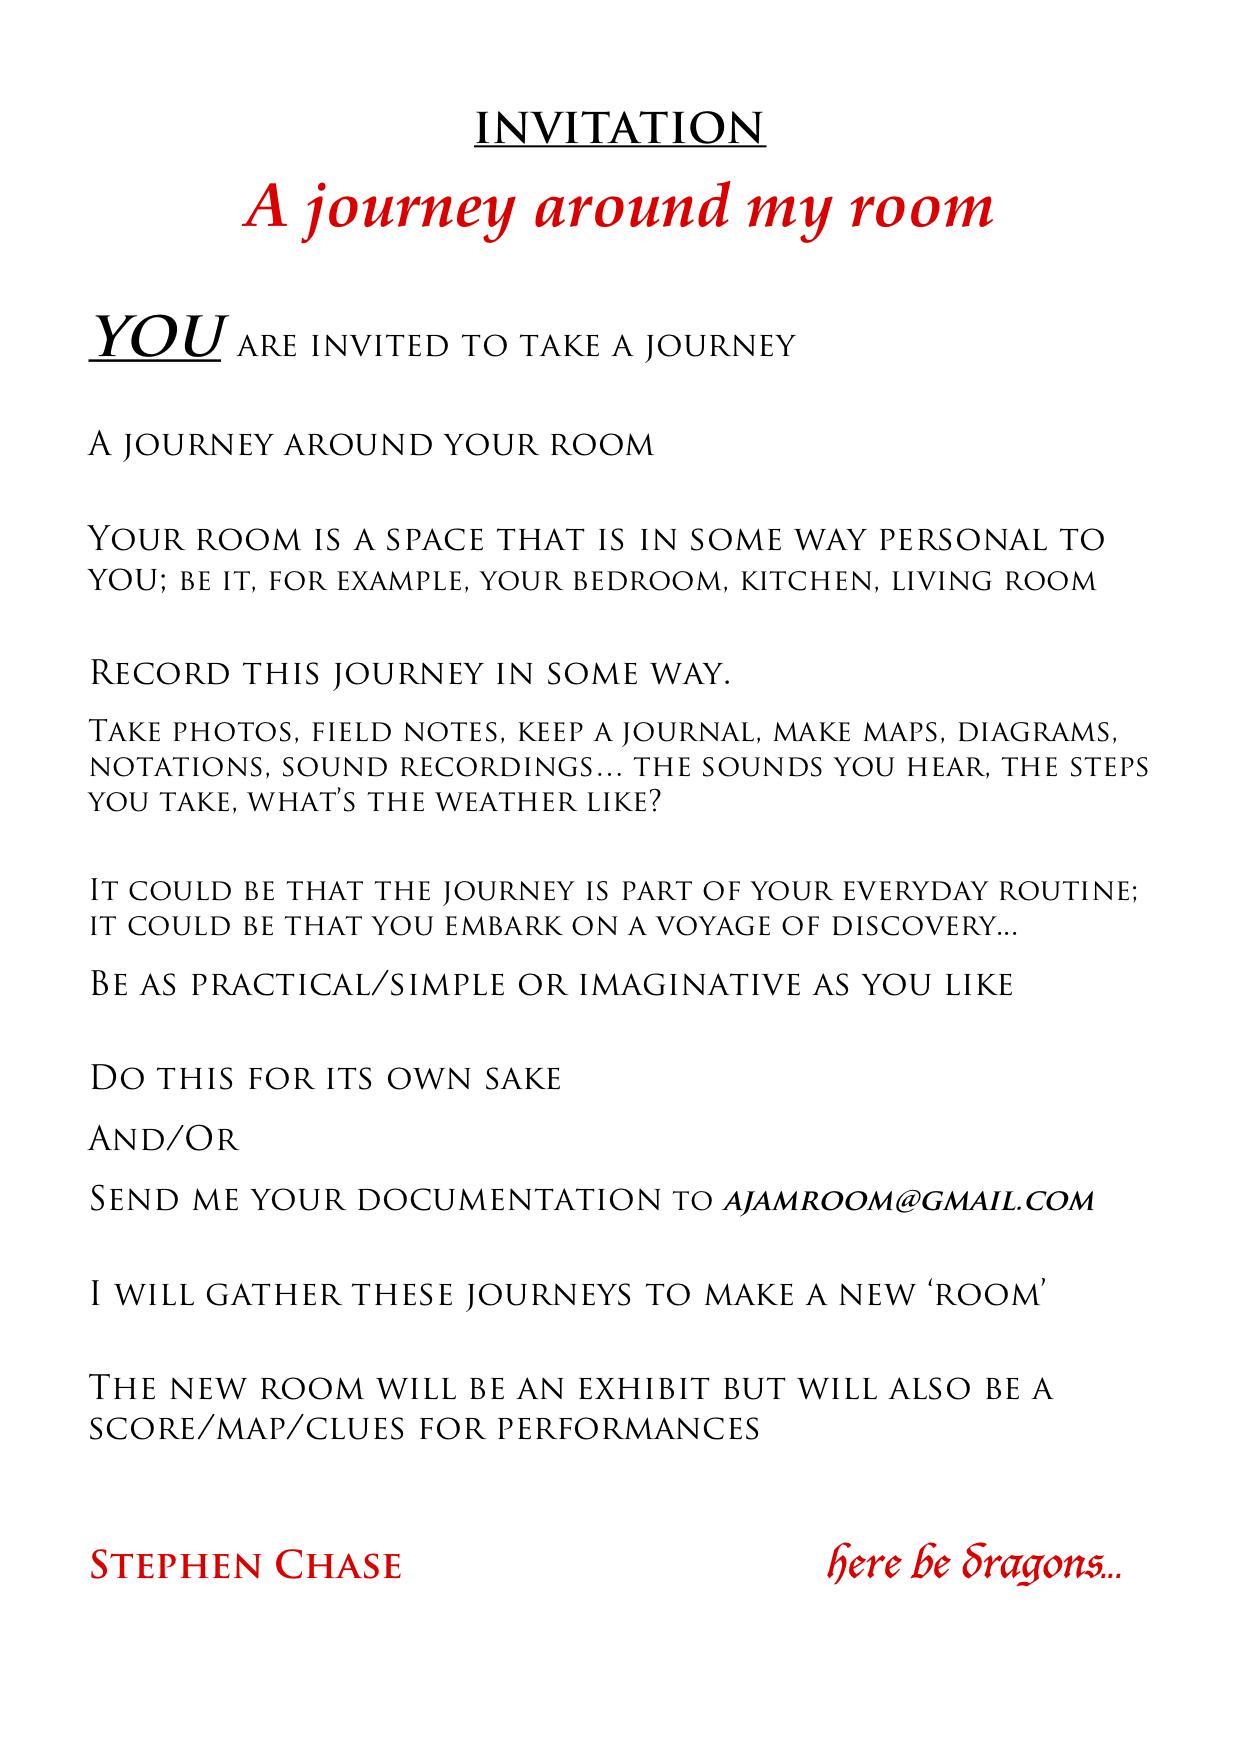 INVITATION-to-AJAMROOM